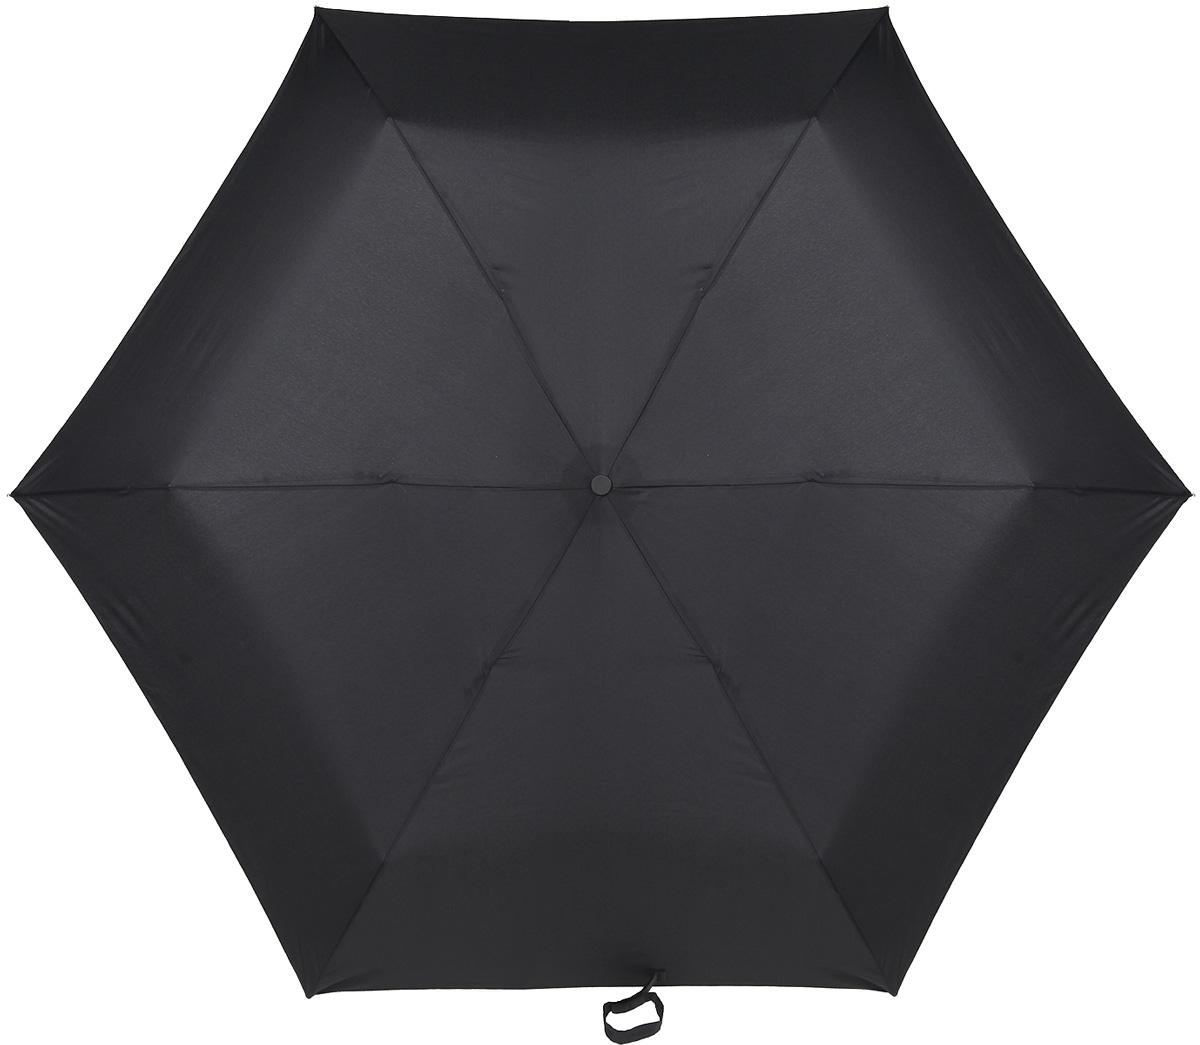 Зонт женский Fulton, автомат, 3 сложения, цвет: черный. L710-01L710-01Практичный женский зонт Fulton купол зонта изготовлен из полиэстера с водоотталкивающей пропиткой, стержень и спицы изготовлены из фибергласса и алюминия. Чехол изделия оформлен металлической фурнитурой с символикой бренда. Зонт оснащен автоматическим механизмом в три сложения. Закрытый купол застегивается хлястиком на липучку. Практичная рукоятка закругленной формы разработана с учетом требований эргономики и выполнена из пластика. Изделие дополнено чехлом, который застегивается на липучку. Компактный и легкий зонт Fulton не только надежно защитит от дождя, но и станет стильным аксессуаром.